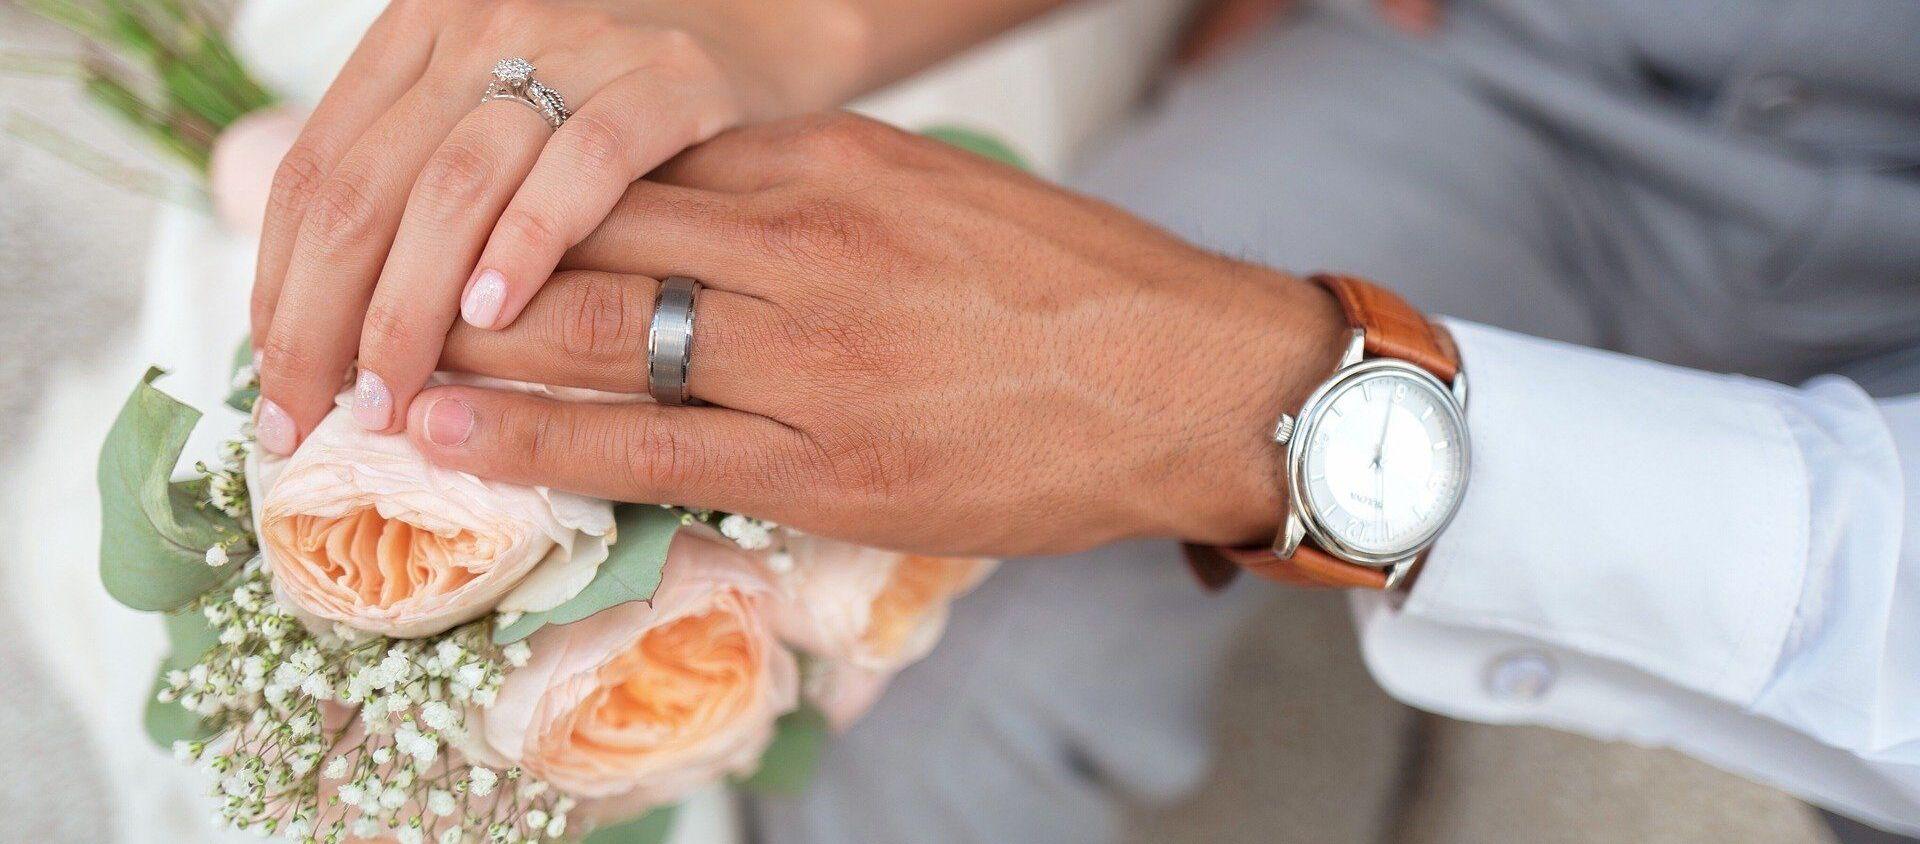 ახალდაქორწინებულთა ხელები - Sputnik საქართველო, 1920, 06.07.2021